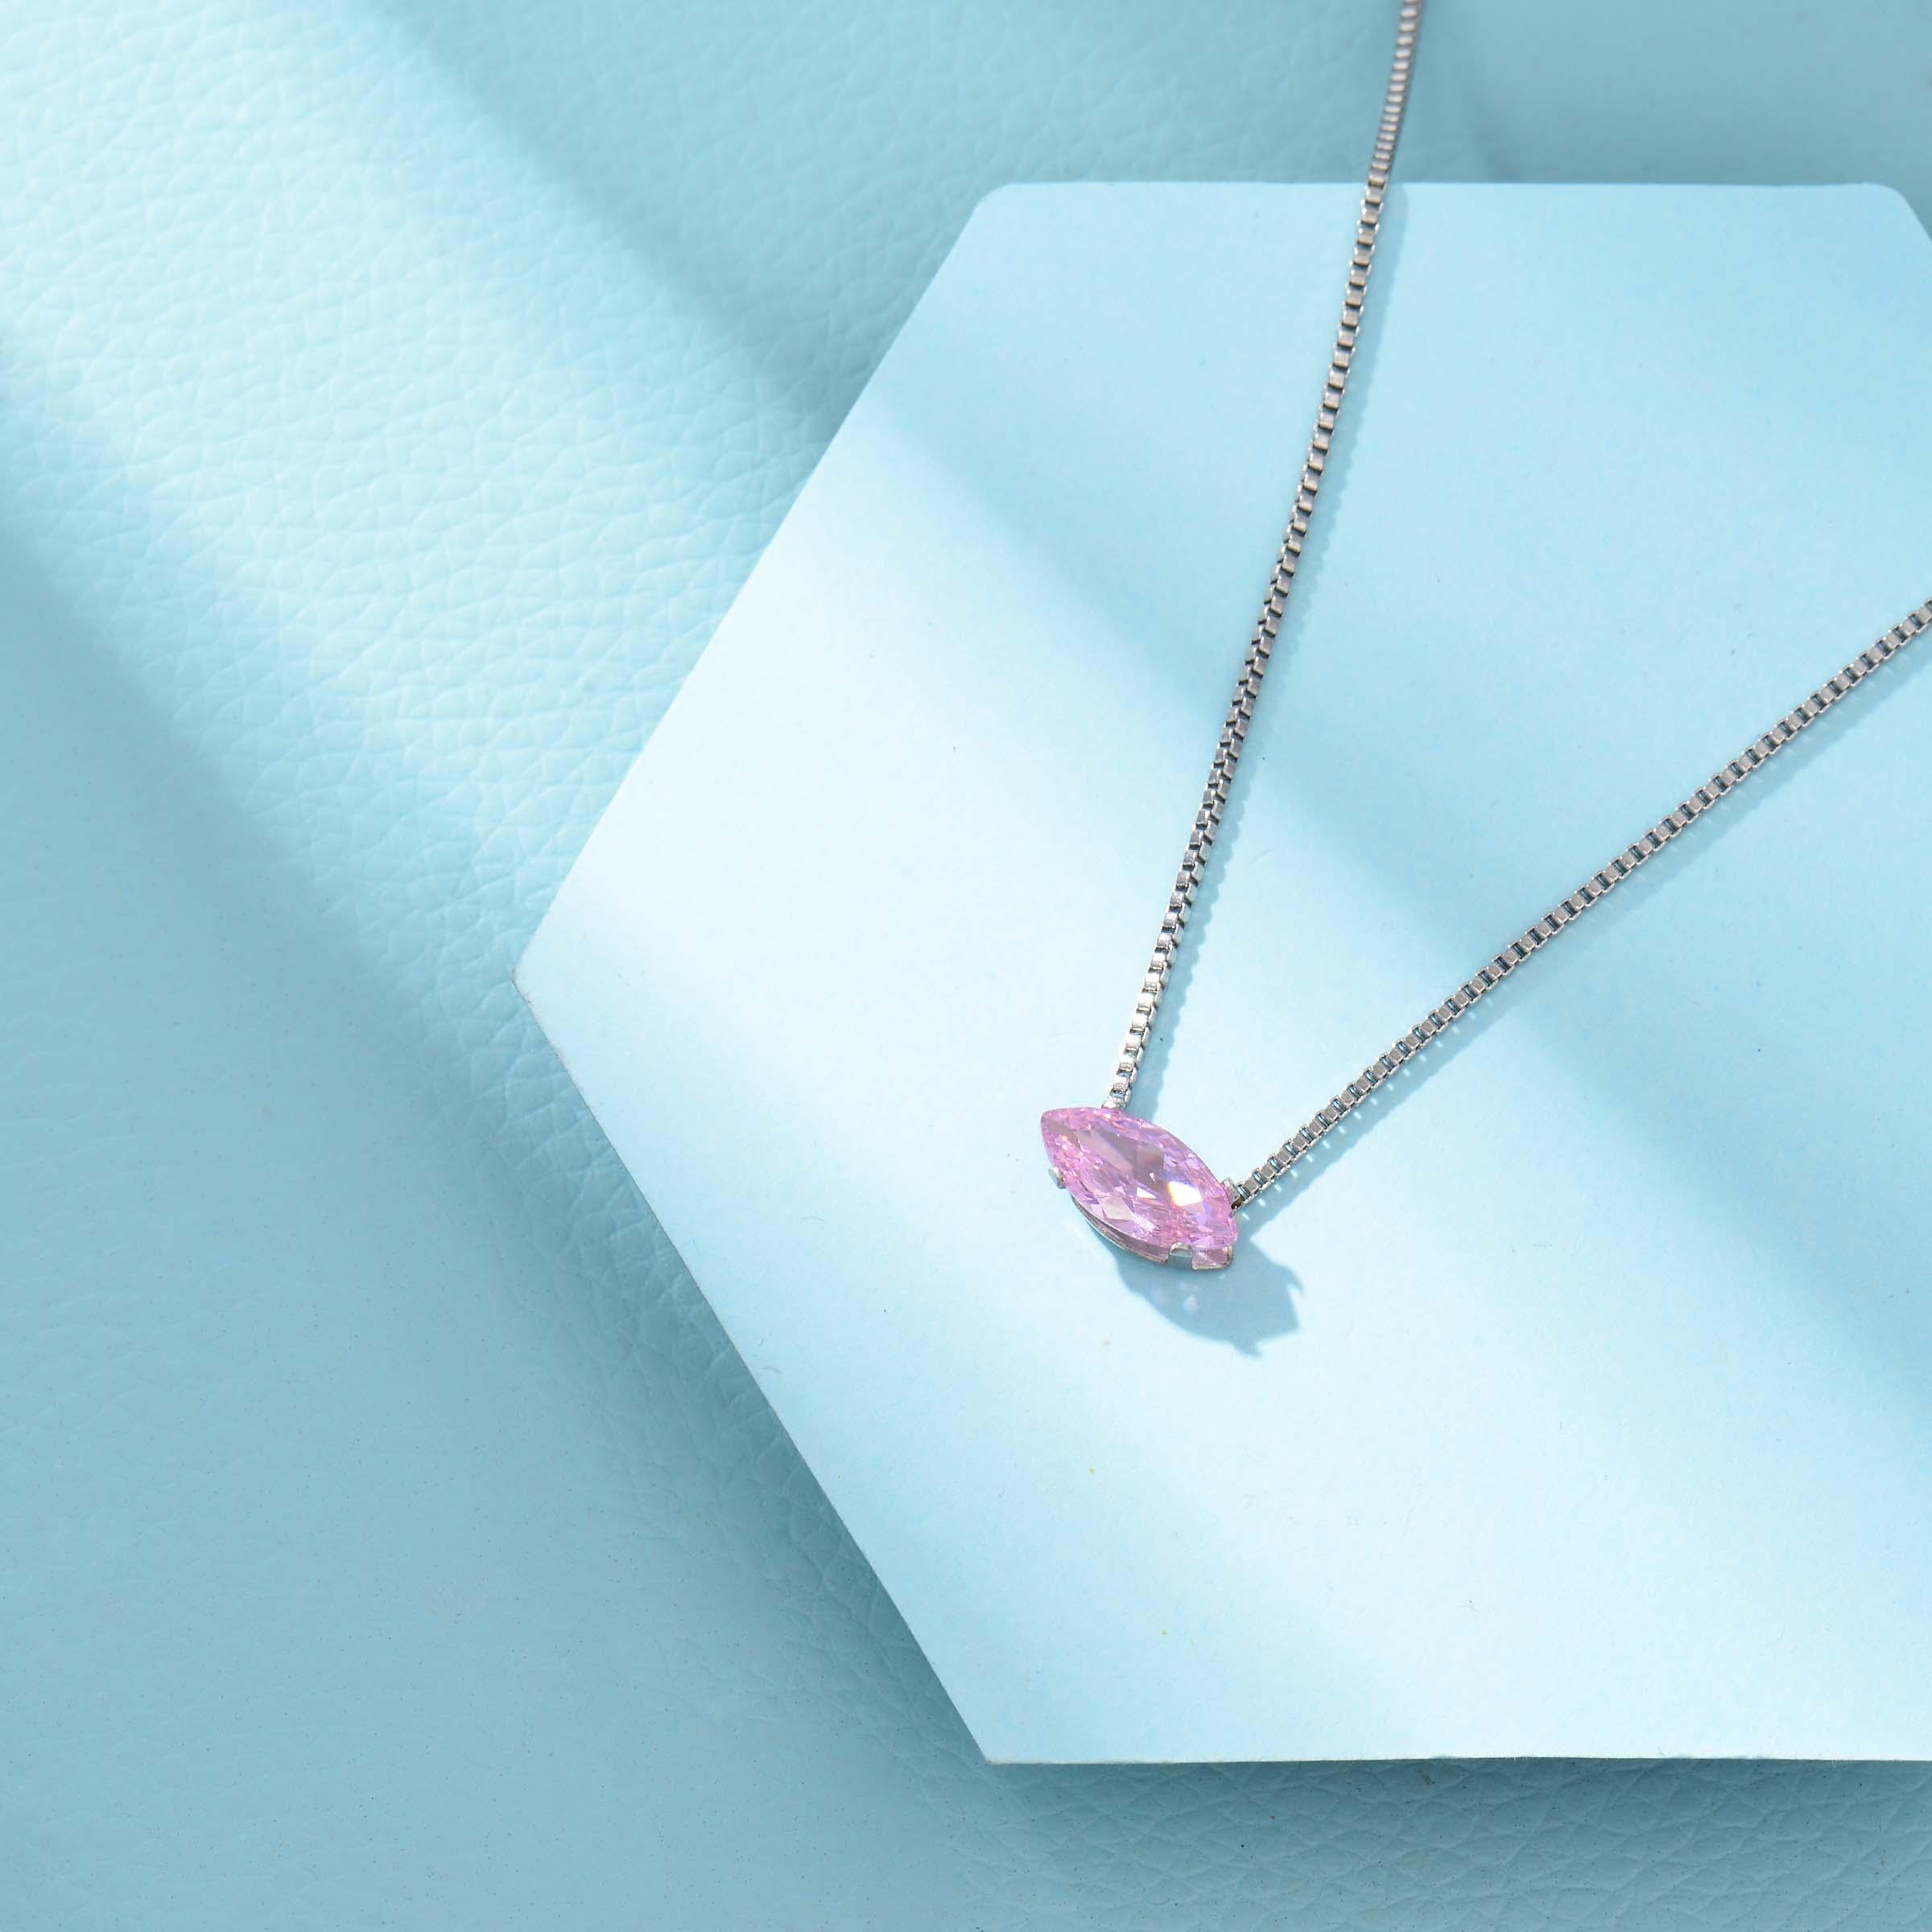 Collares de Acero Inoxidable para Mujer al por Mayor -SSNEG143-33857